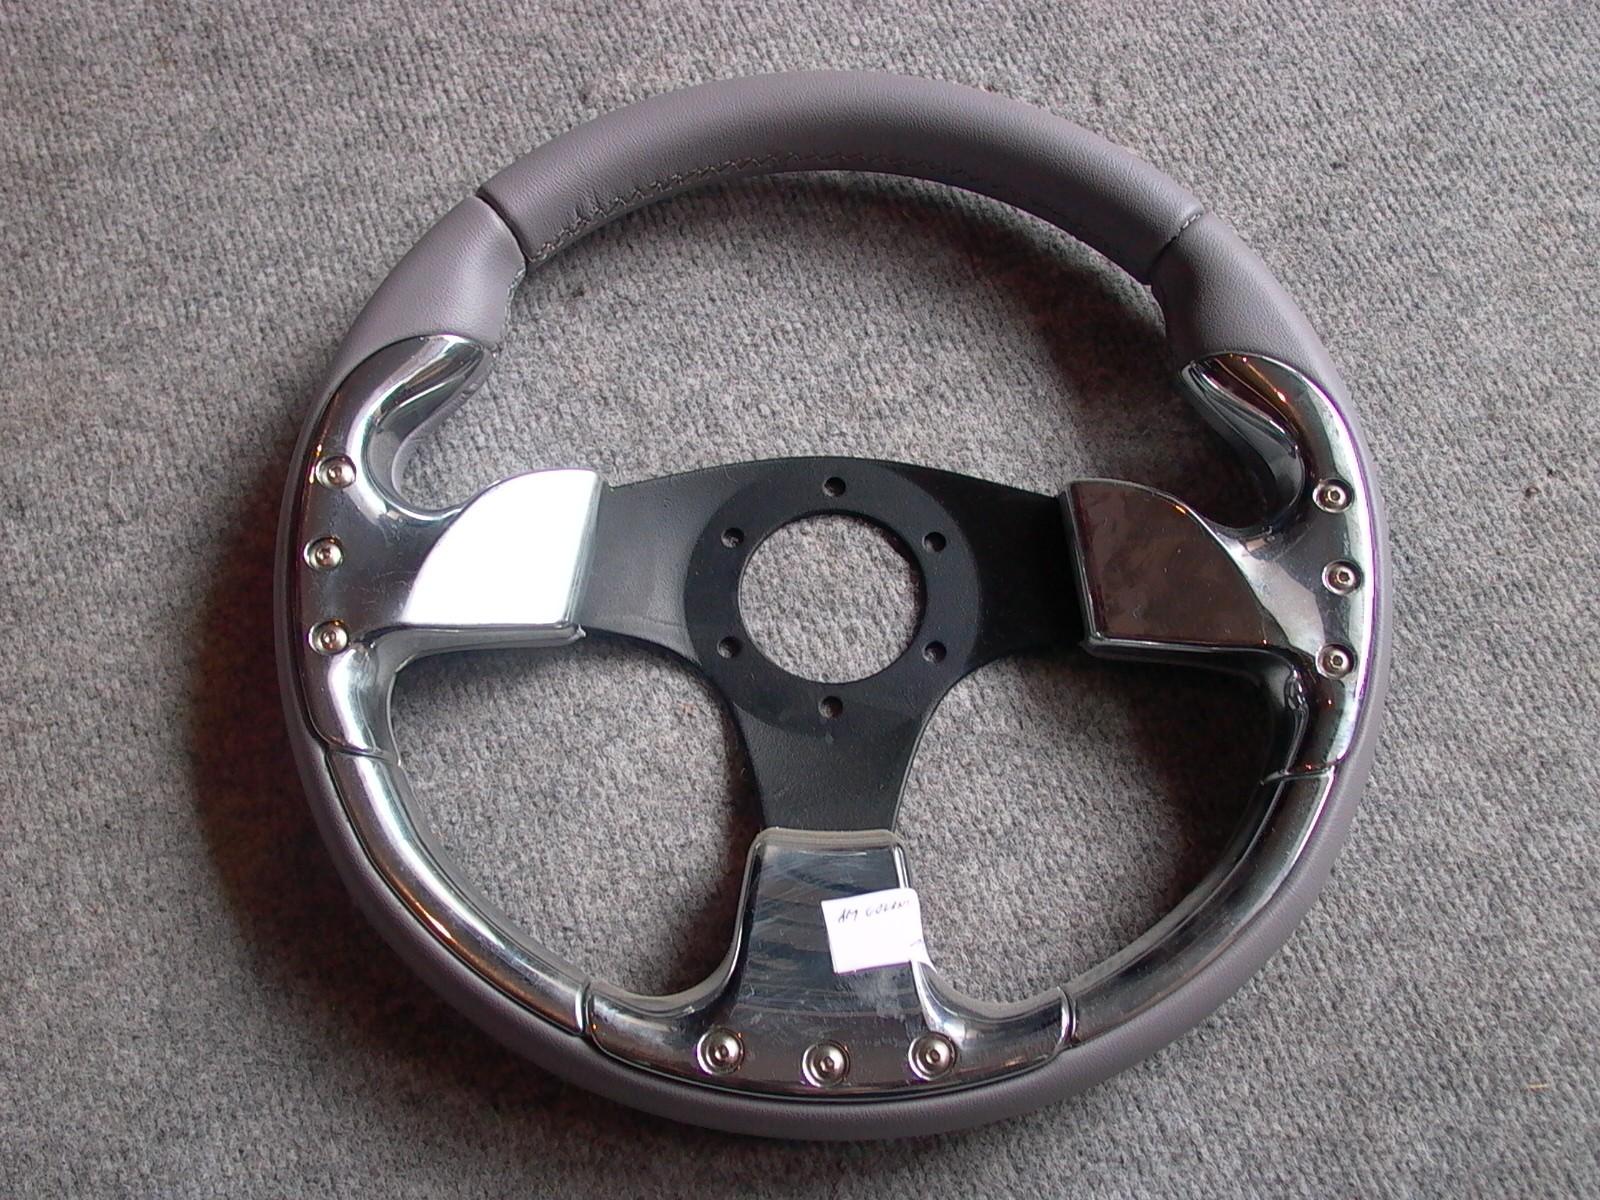 Sportovní volant AM Volant S